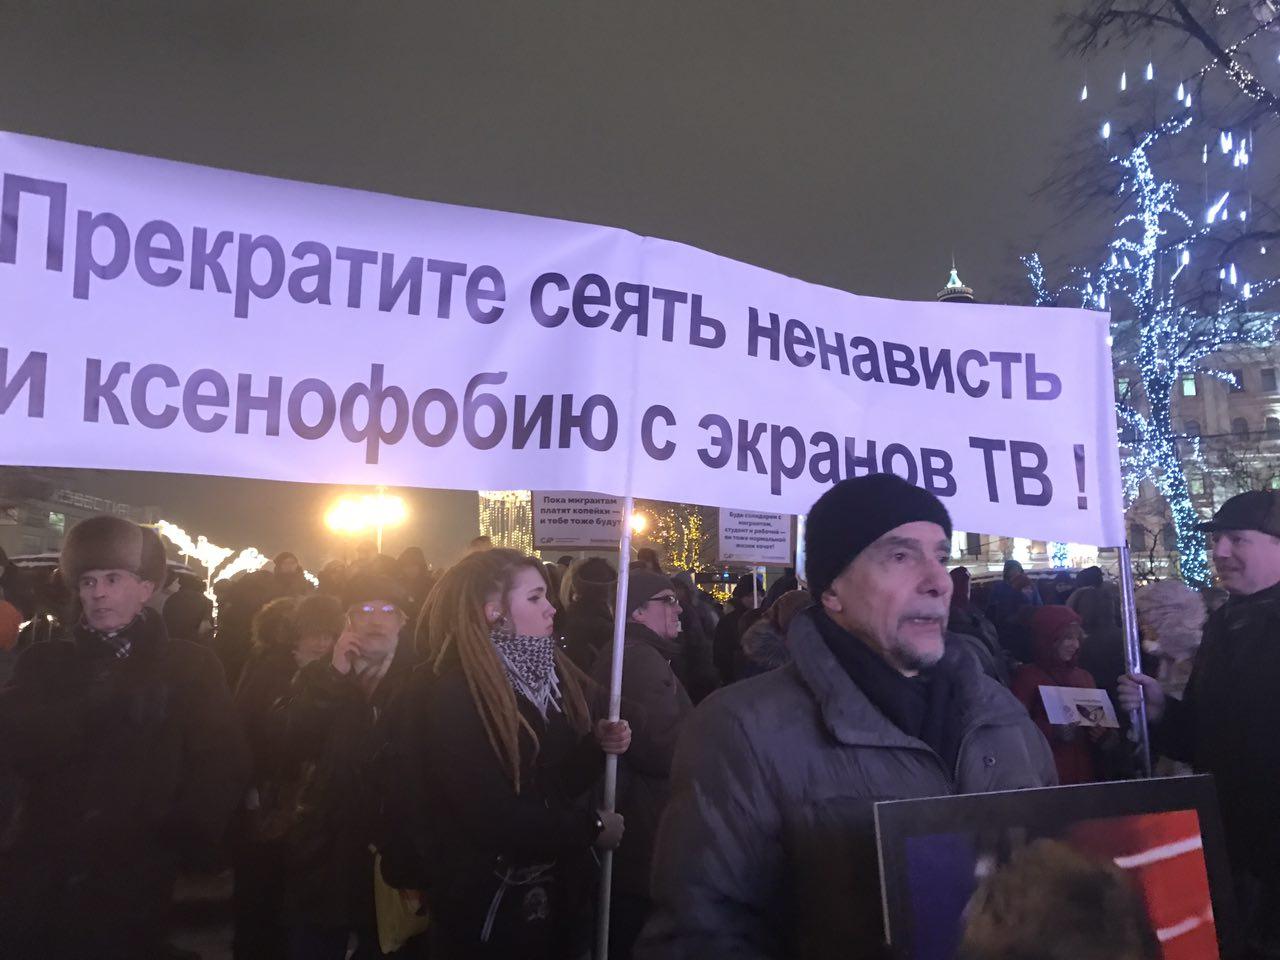 ВМурманске задержали участников акции памяти юриста Маркелова и корреспондента Бабуровой